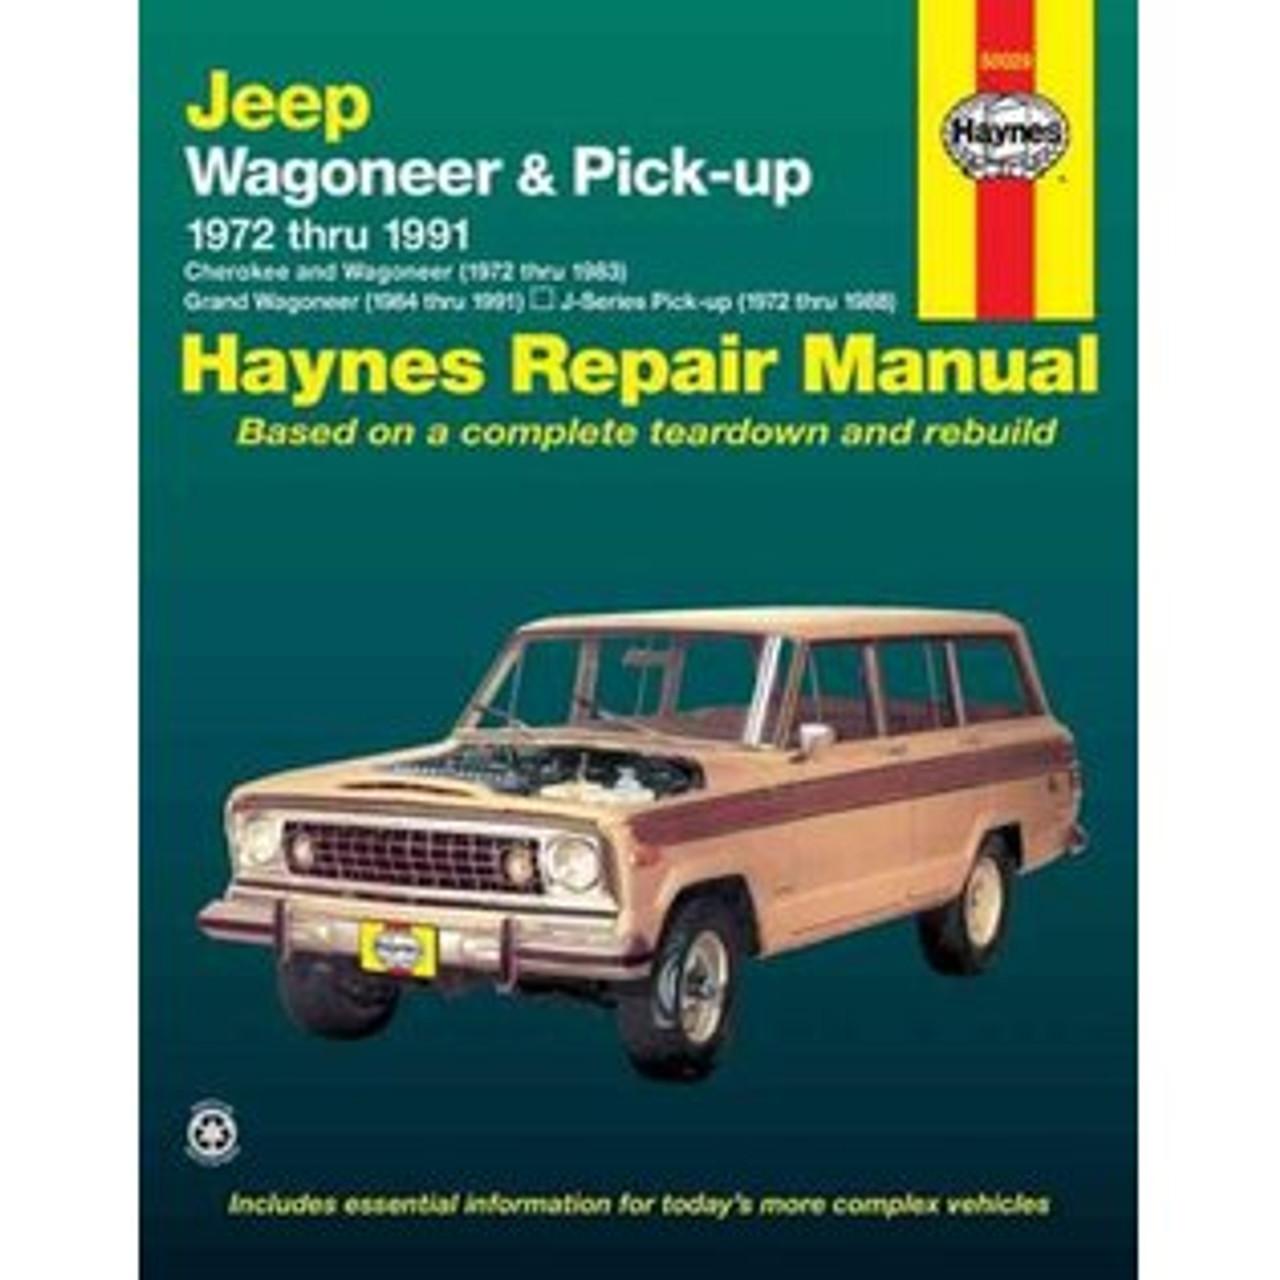 haynes repair manual jeep grand wagoneer j series trucks team rh teamgrandwagoneer com Jeep Cherokee Mods 2001 Jeep Cherokee XJ